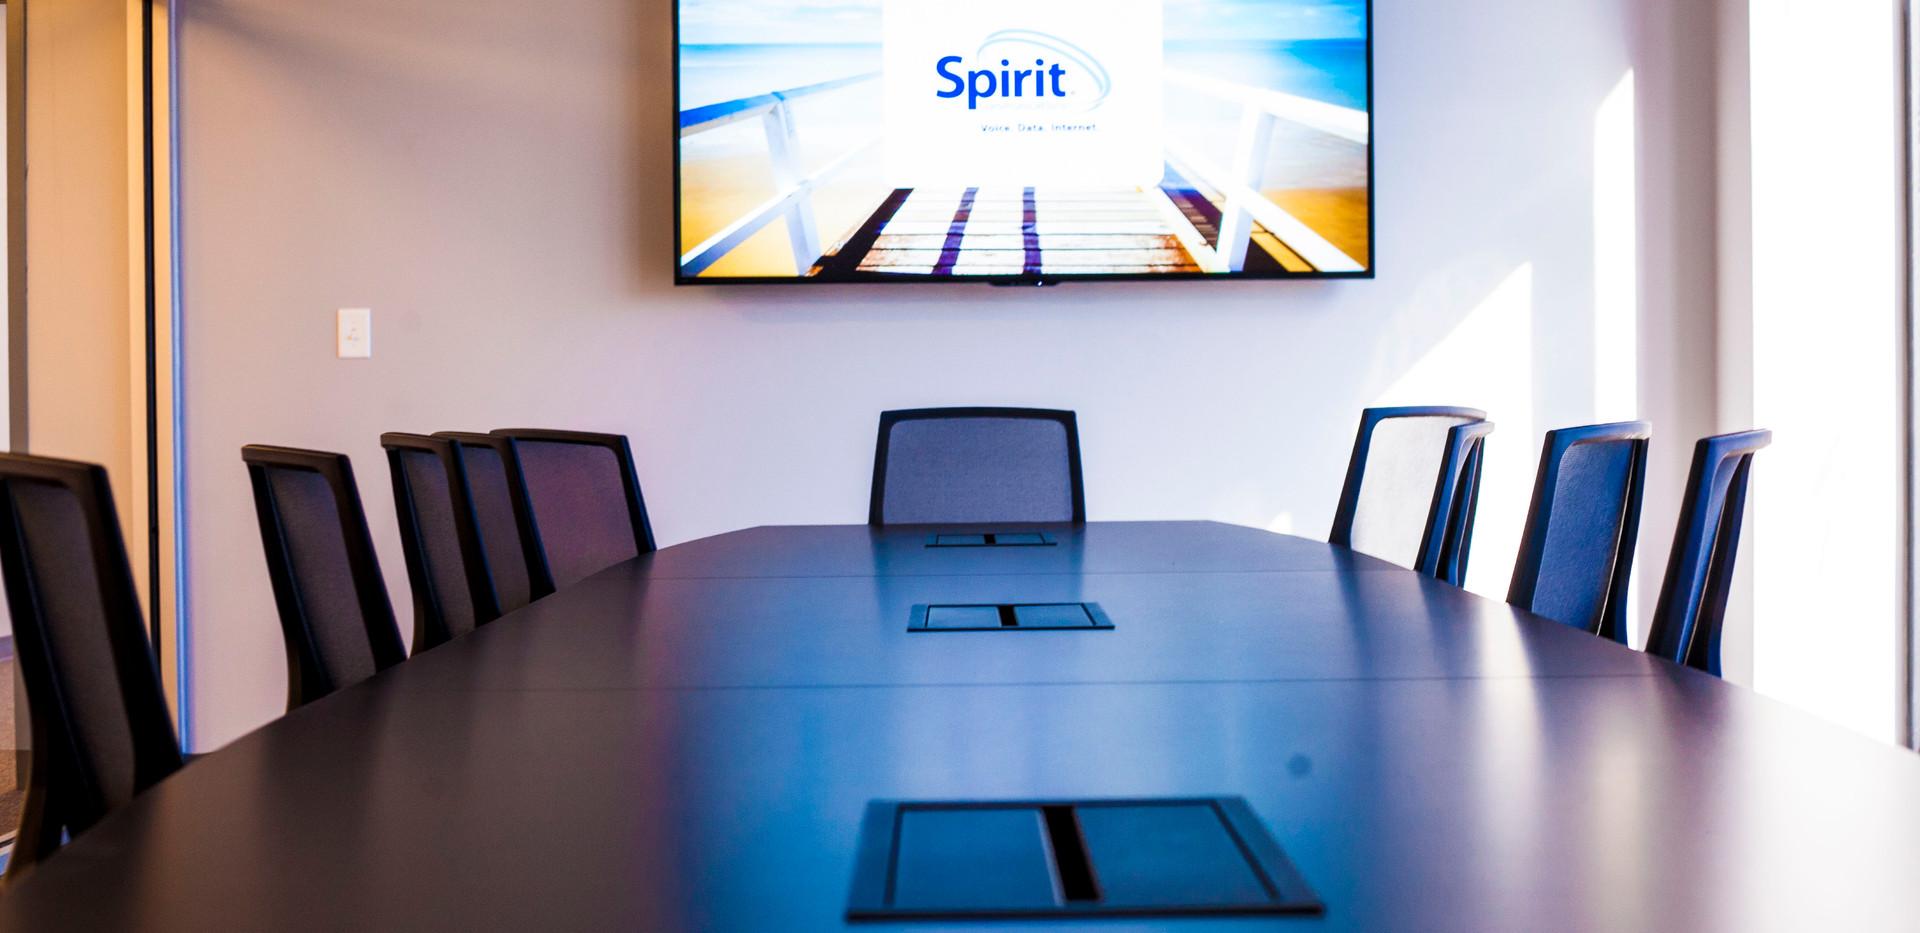 Spirit Telecom